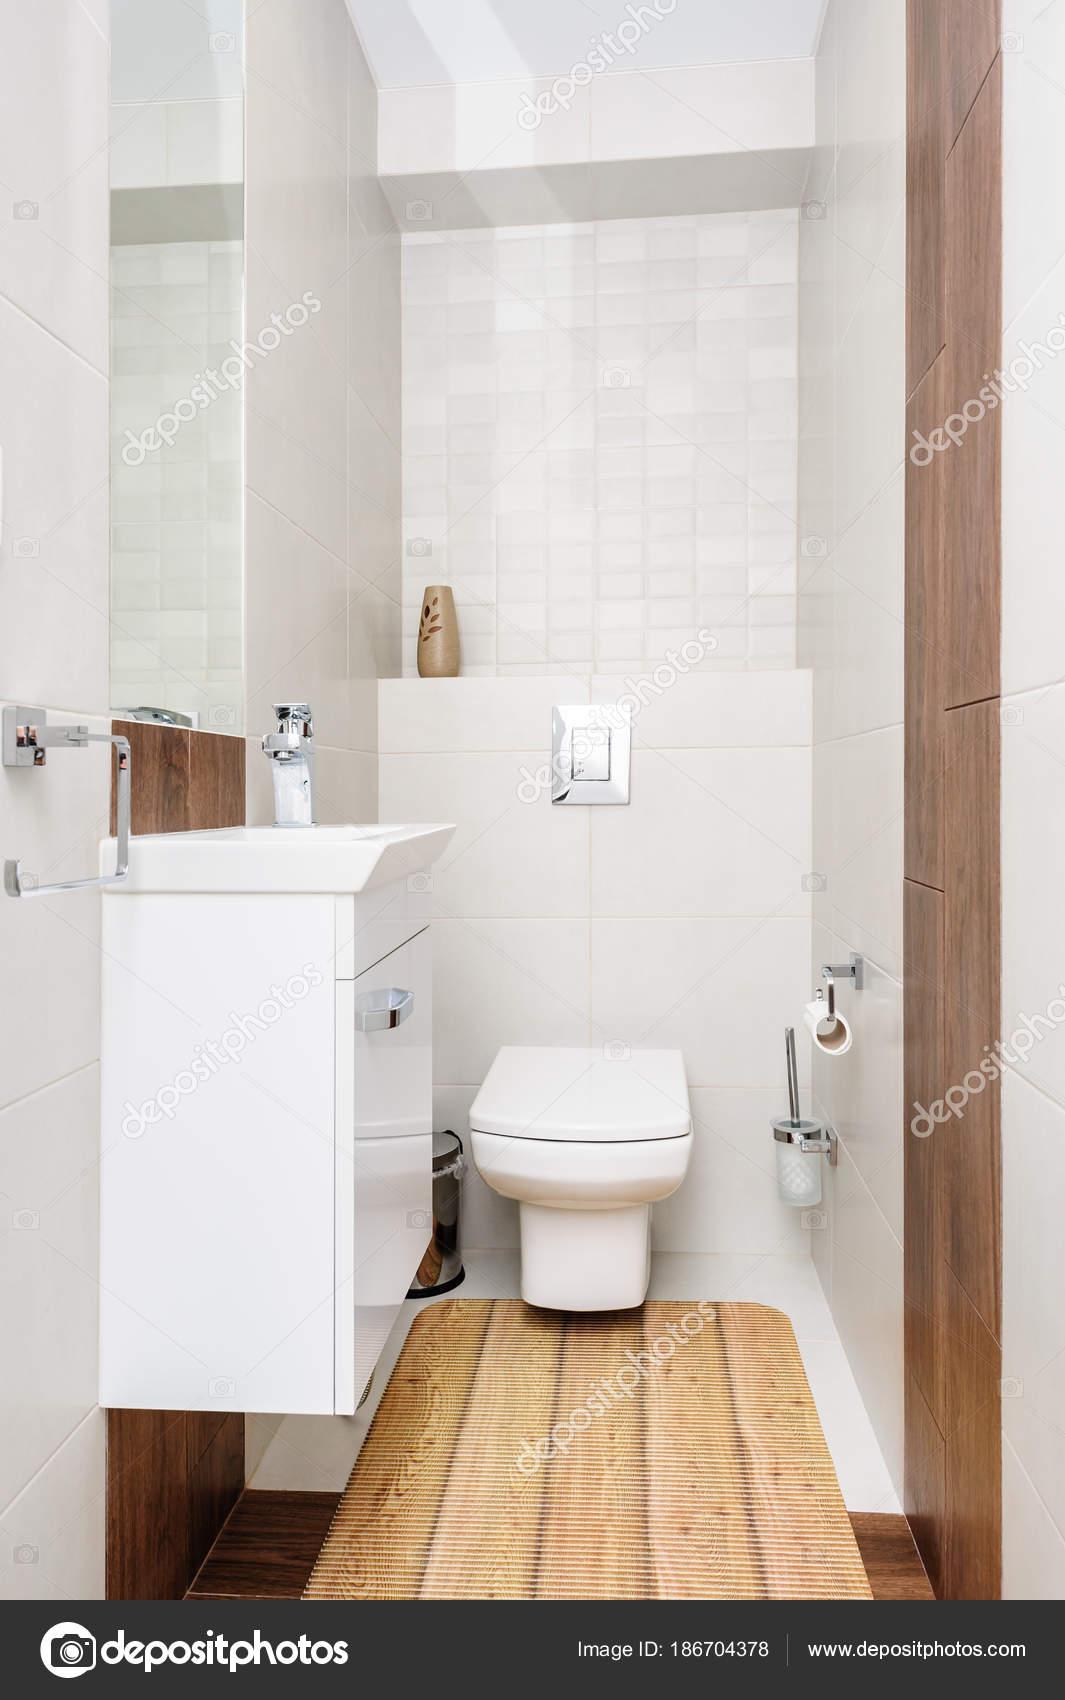 Nowoczesne łazienki Wnętrza Zdjęcie Stockowe Starush 186704378